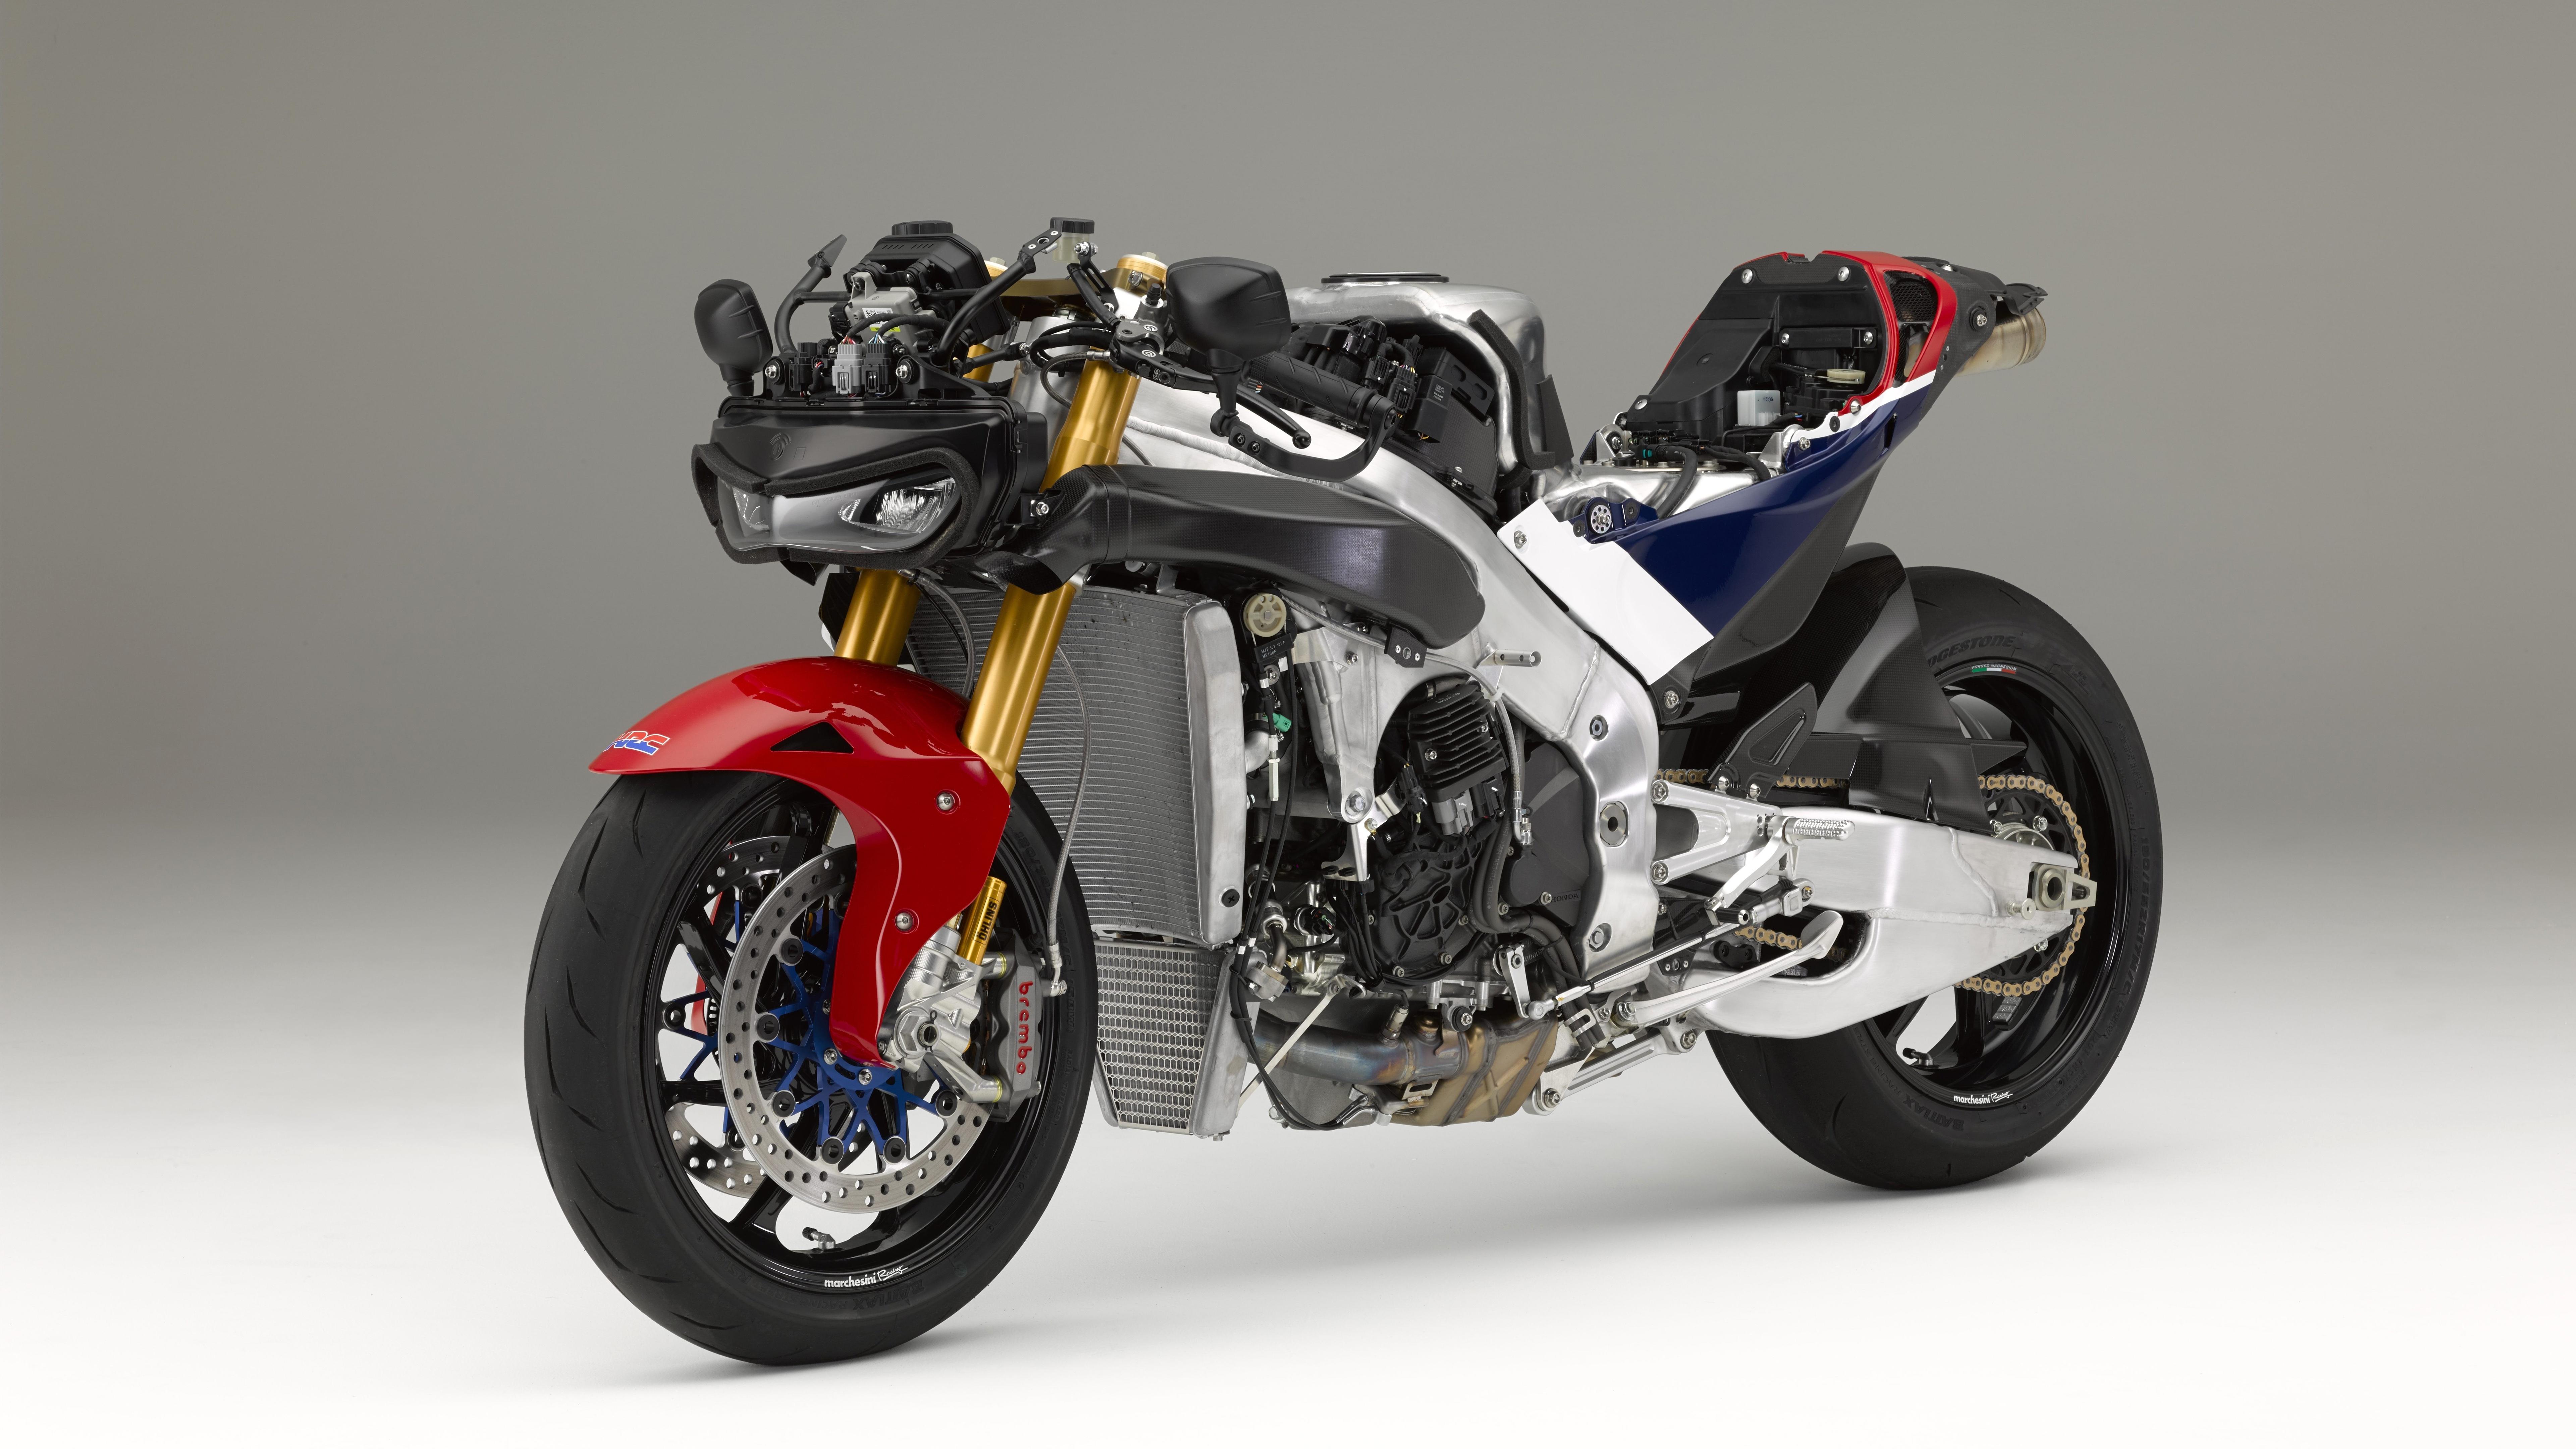 2016 honda rc213v s sportbike 4k 8k wallpapers in